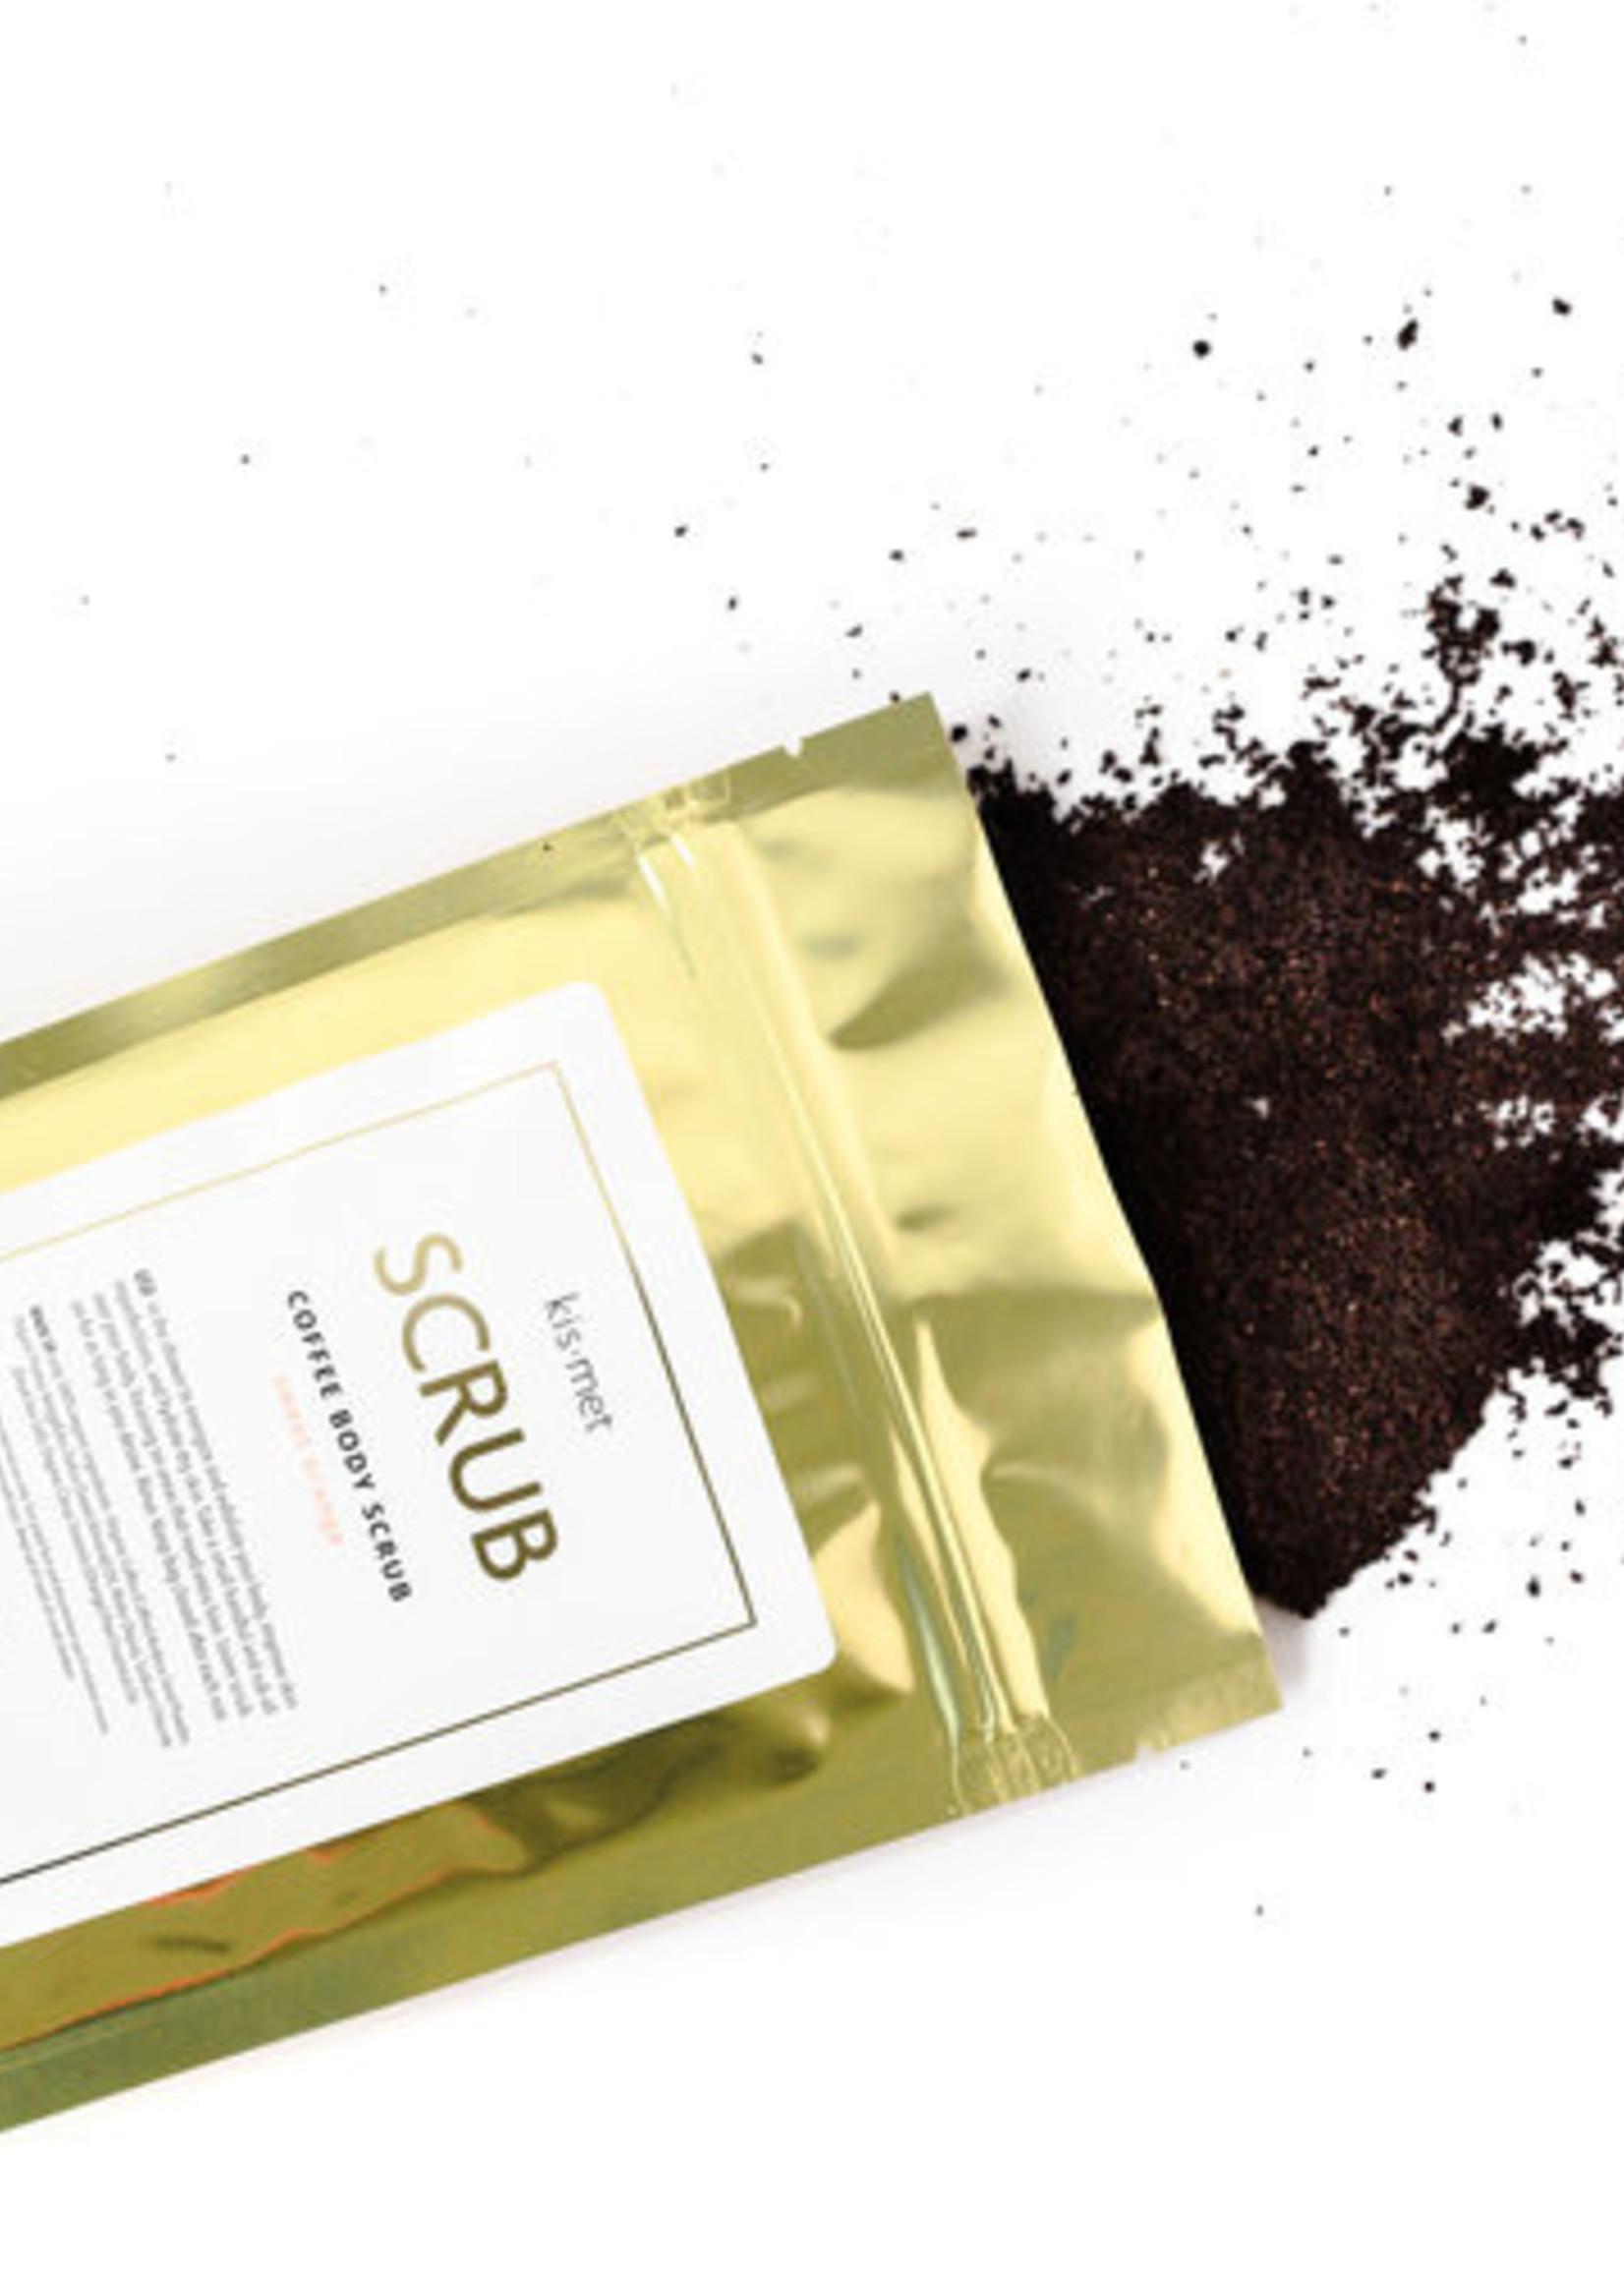 Scrub - Coffee Body Scrub